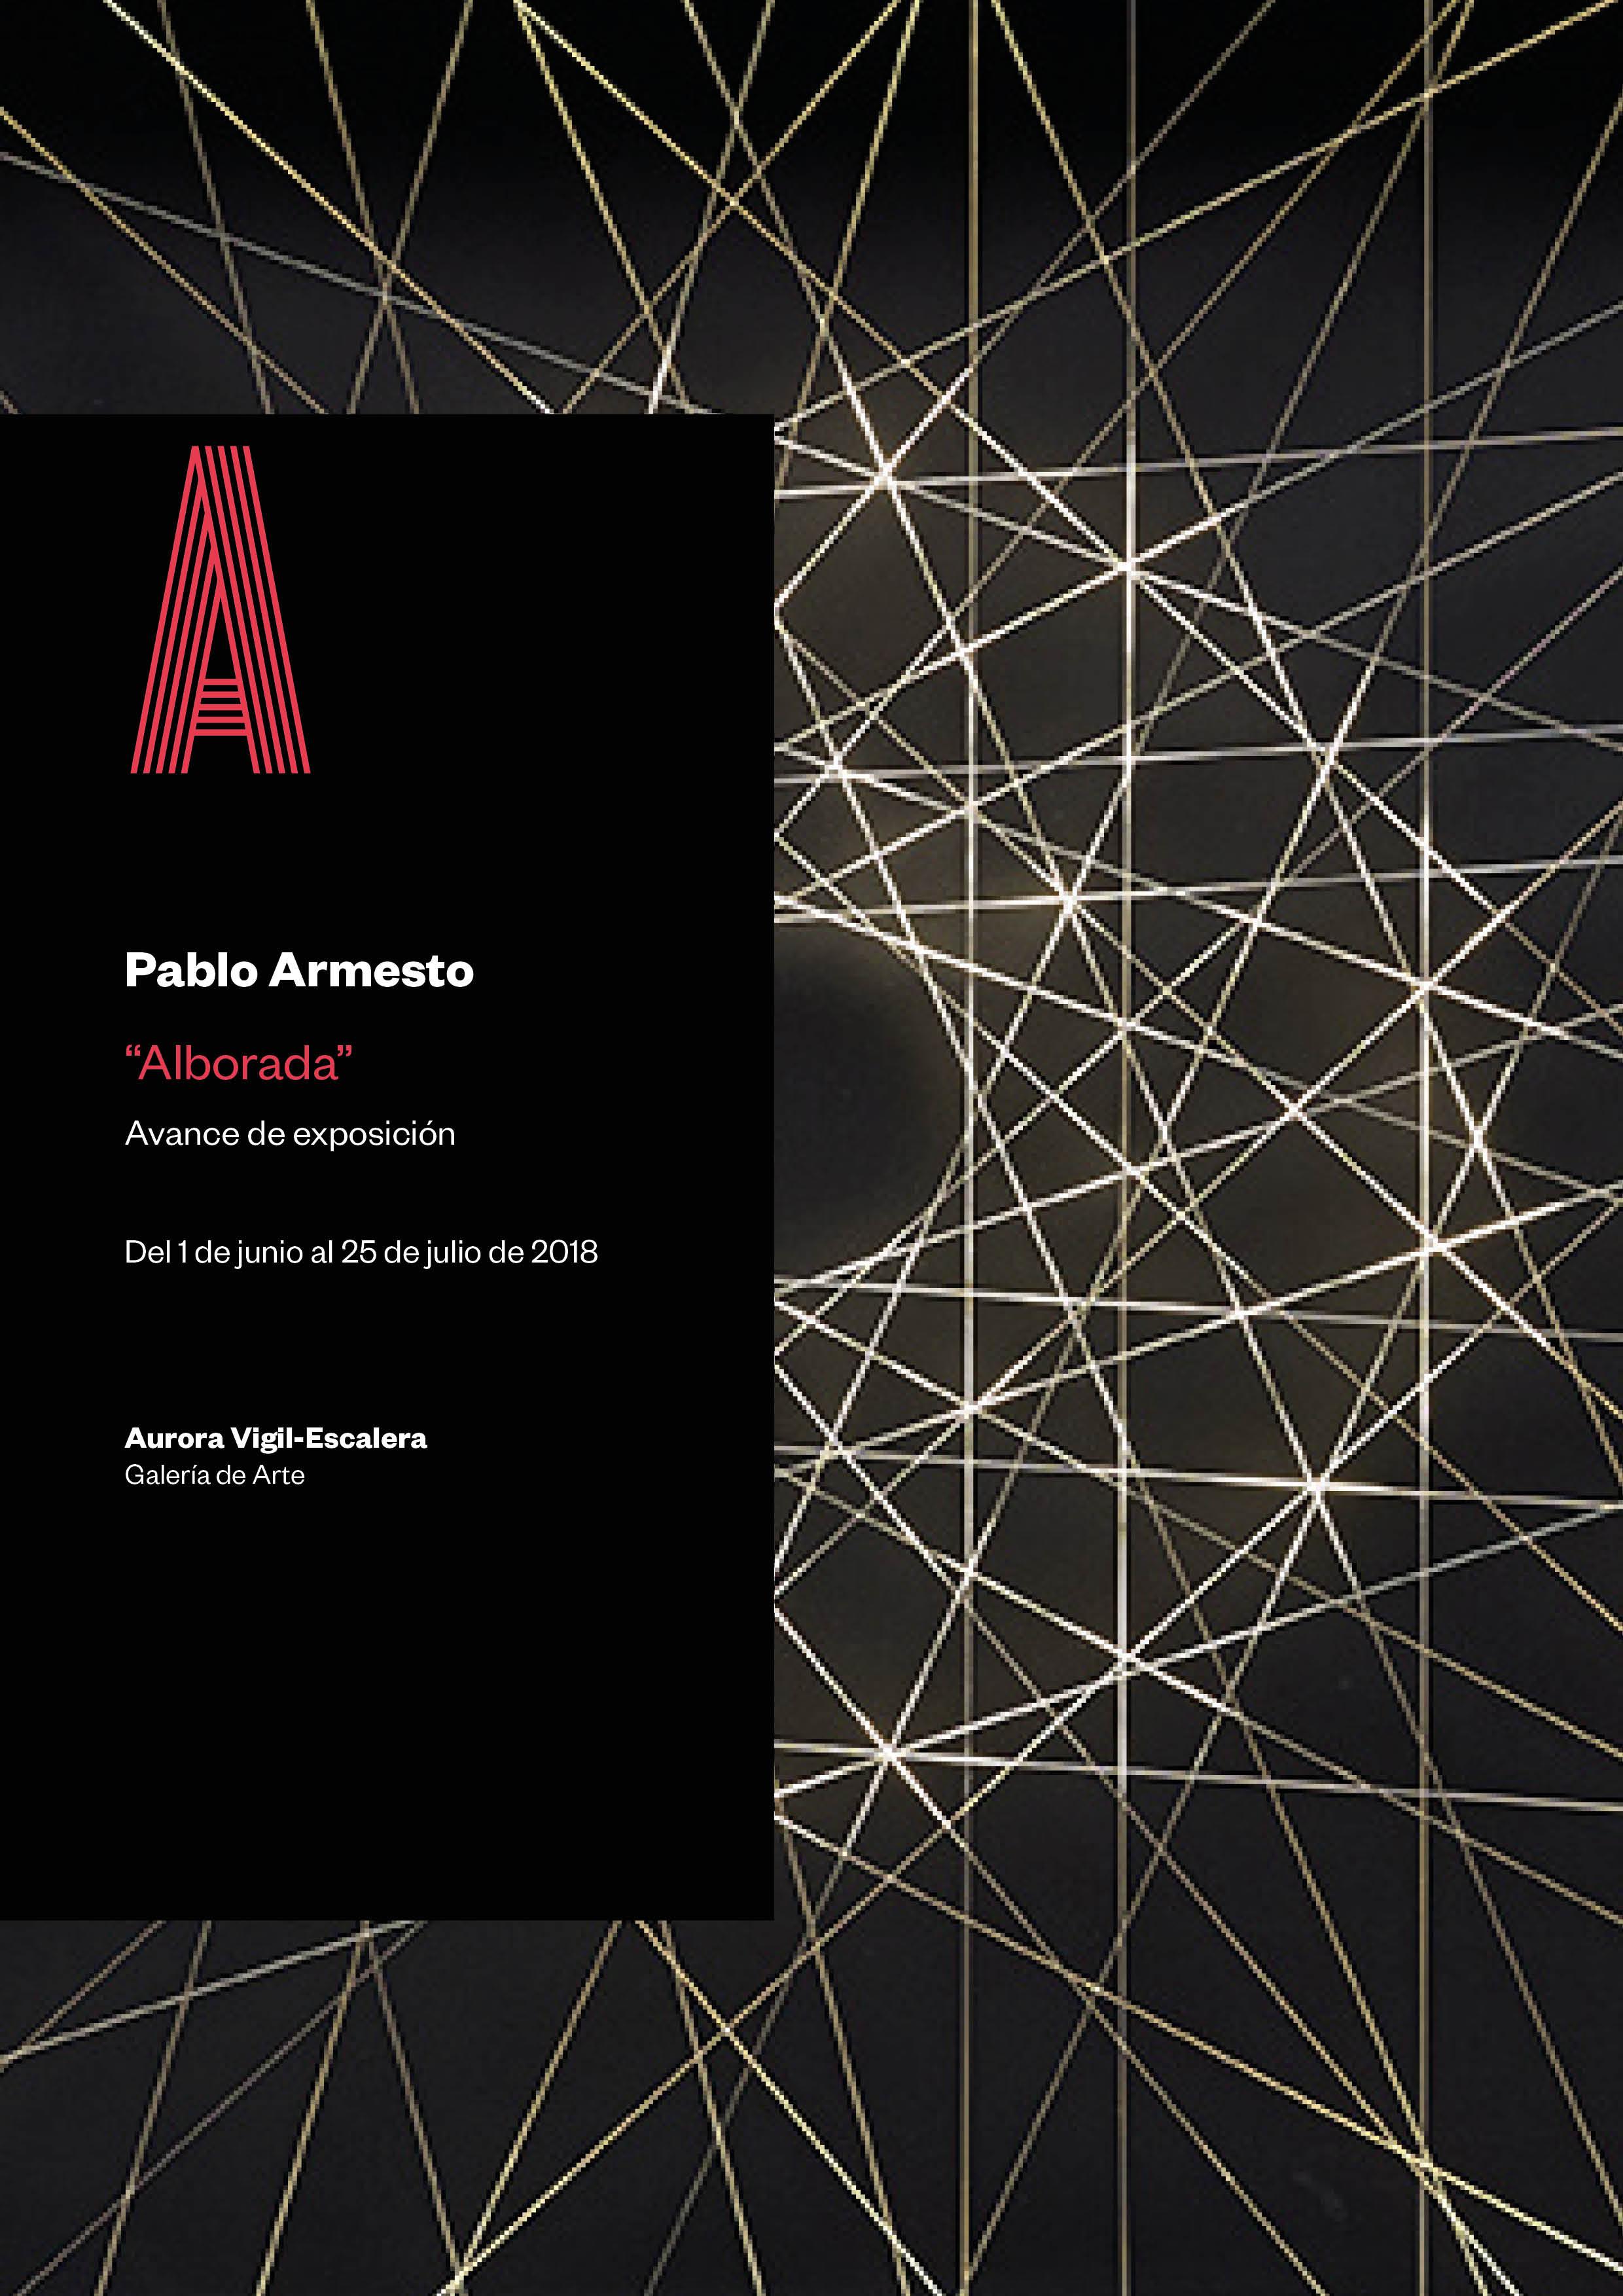 Pablo Armesto - Alborada